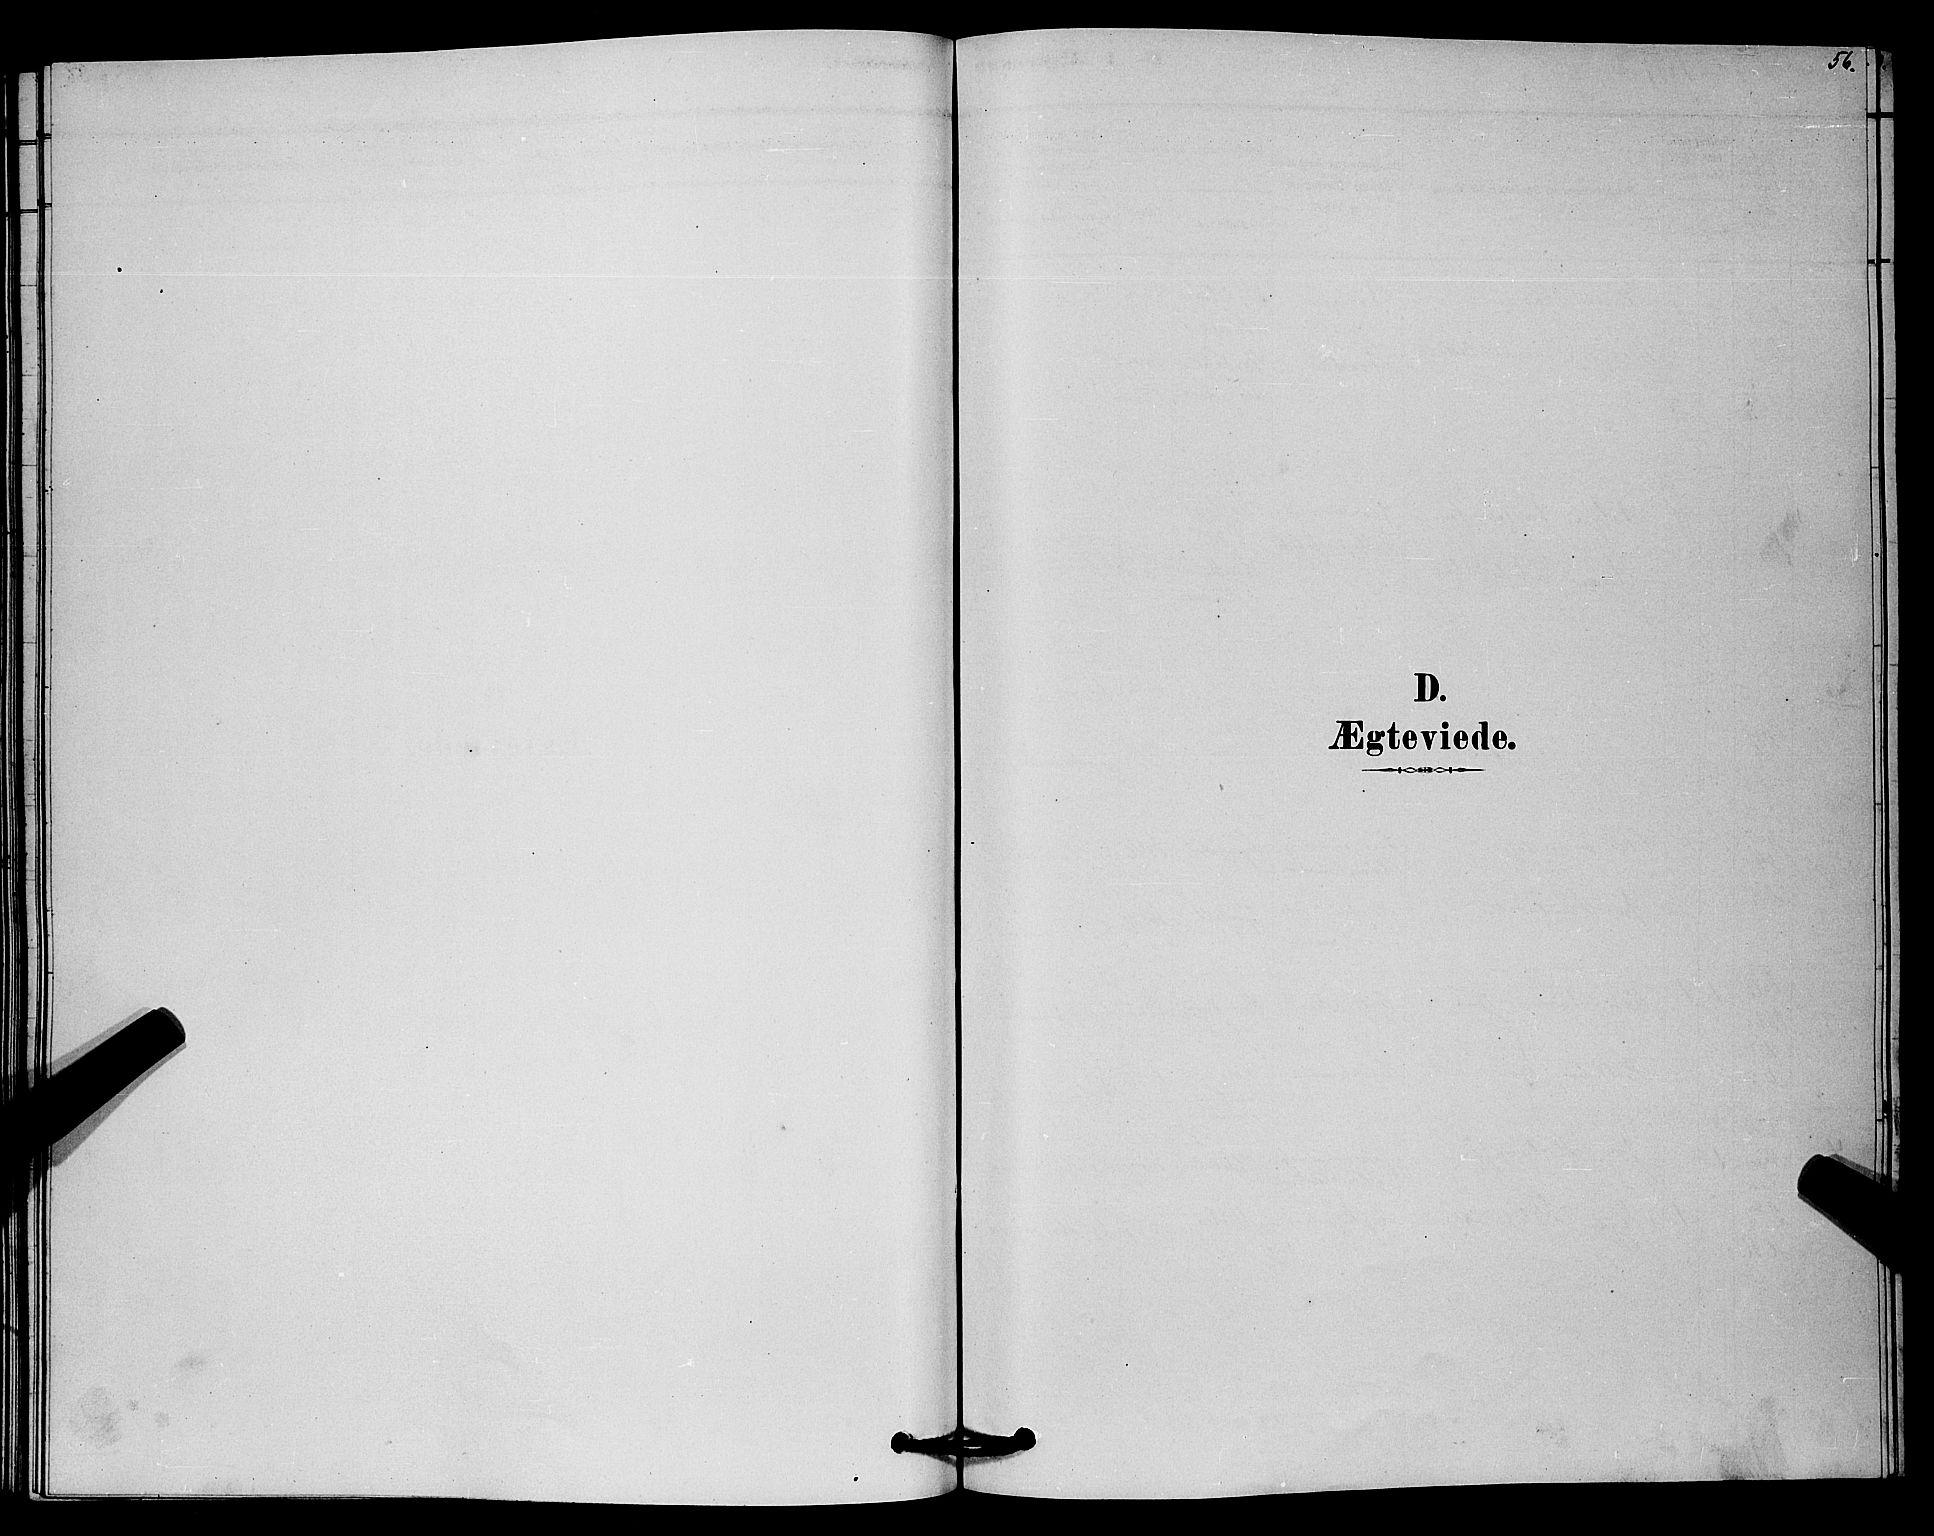 SAKO, Lårdal kirkebøker, G/Gc/L0003: Klokkerbok nr. III 3, 1878-1890, s. 56